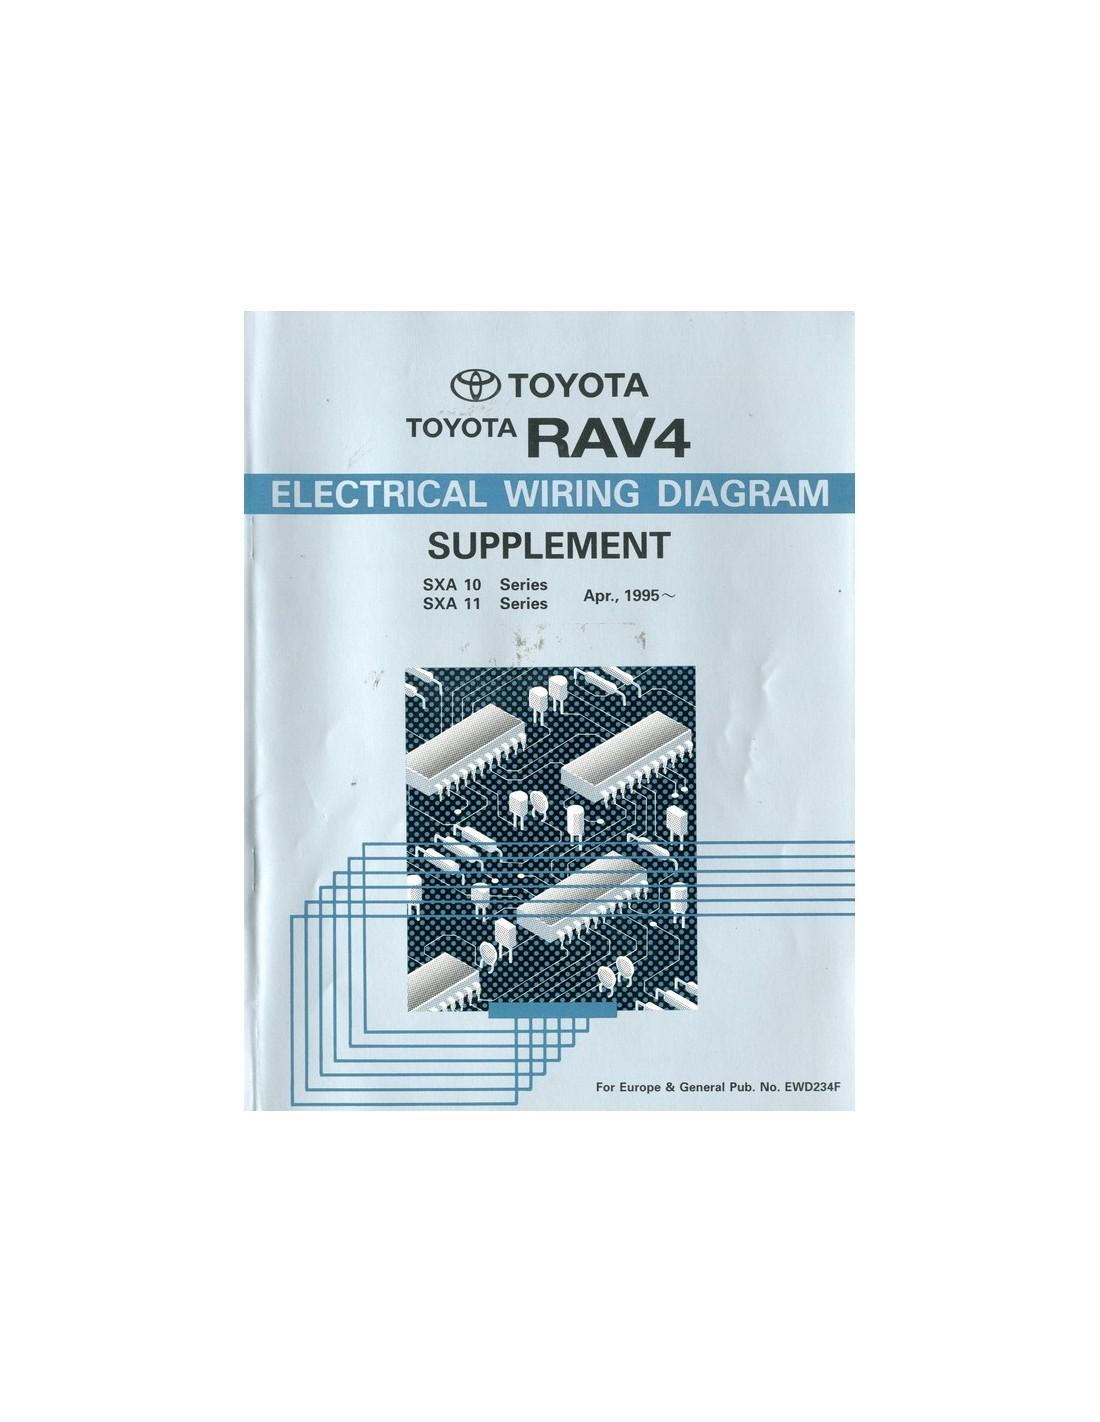 toyota rav4 parts diagram 1996 4runner wiring 1995 electrical workshop manual english